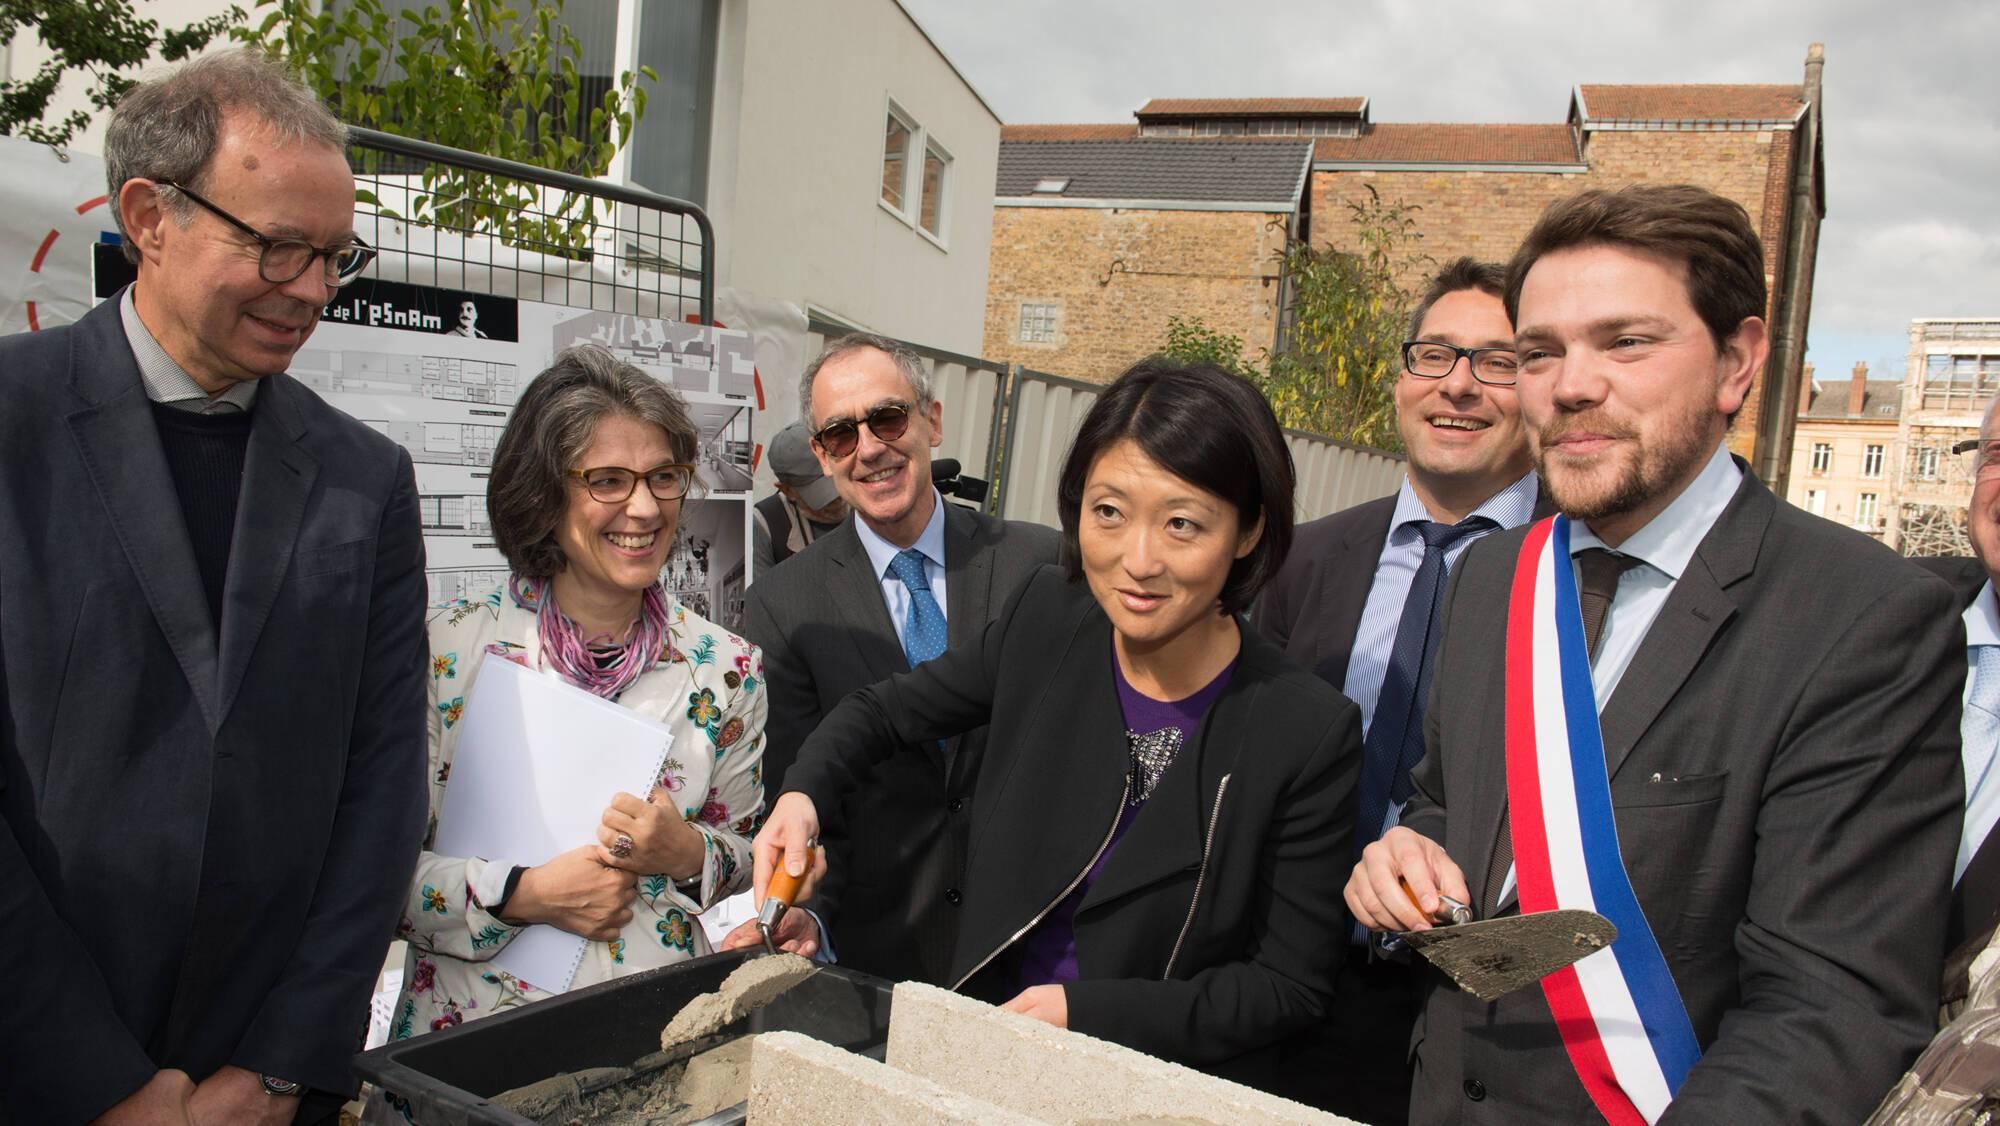 Pose de la première pierre de l'Ecole nationale supérieure de la marionnette de Charleville-Mézières